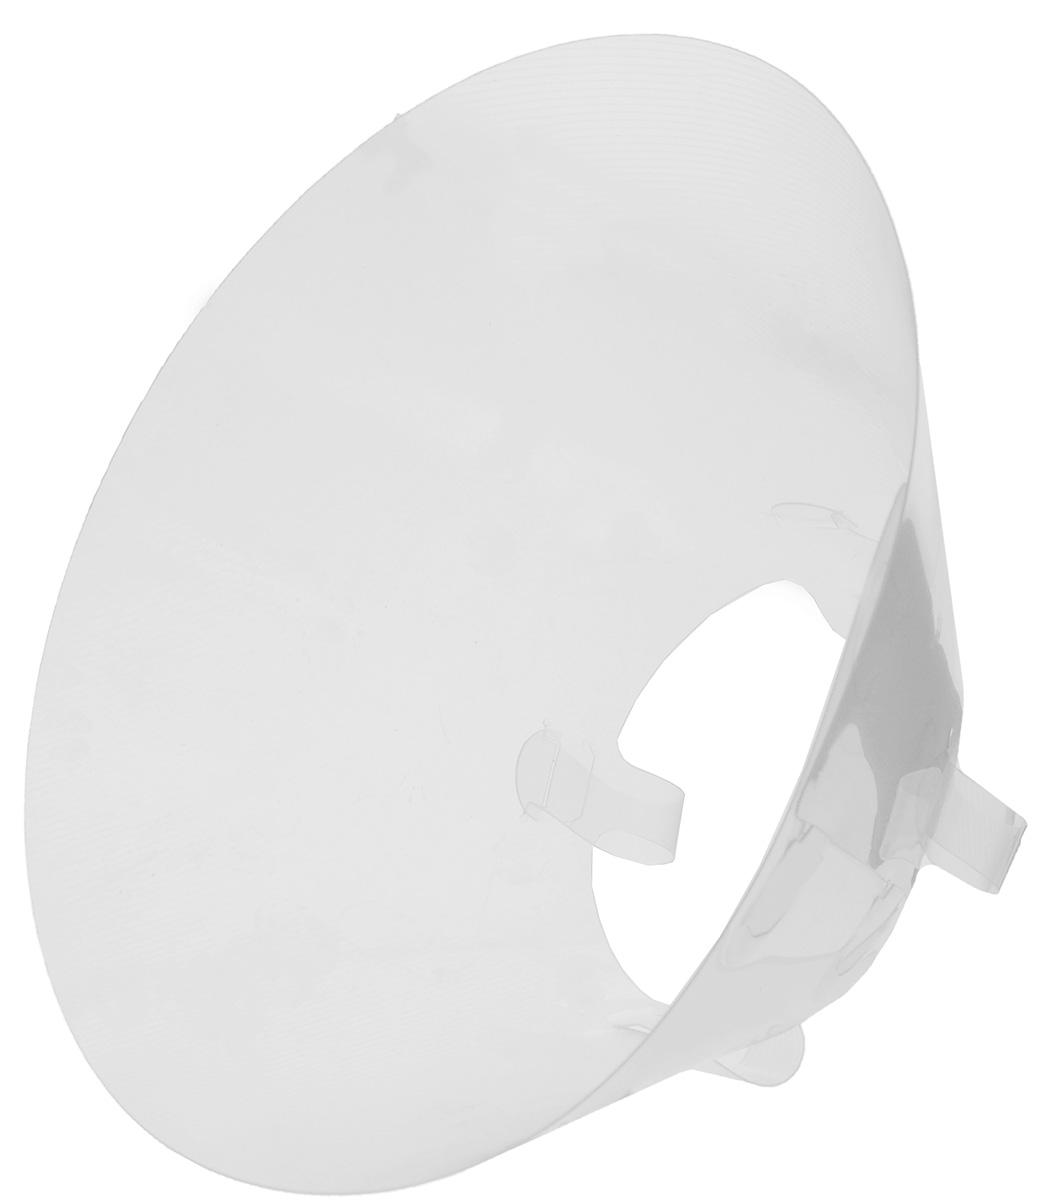 Воротник защитный Талисмед, обхват шеи 35-41 см24849Защитный воротник Талисмед изготовлен из высококачественного нетоксичного пластика, который позволяет сохранять углы обзора для животного. Изделие разработано для ограничения доступа собаки к заживающей ране или послеоперационному шву. Простота в эксплуатации позволяет хозяевам самостоятельно одевать и снимать защитный воротник с собаки. Обхват шеи: 35-41 см. Высота воротника: 15 см.